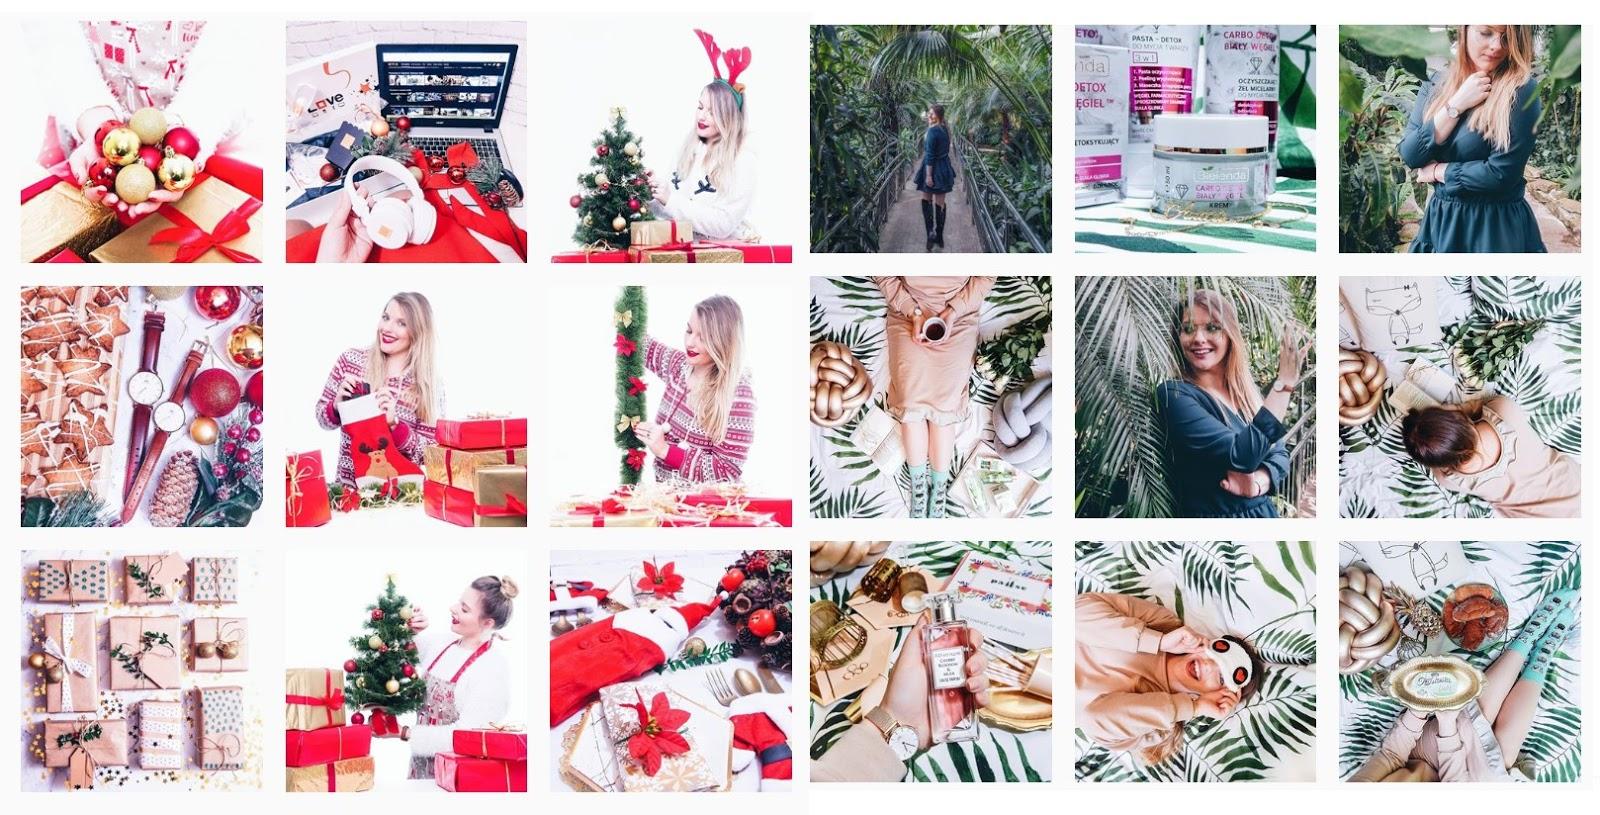 3 inspirujące konta na instagramie przykłady  ładne profile instagramowe jak obrabiać zdjęcia hasztagi polskie łódź instagramerzy